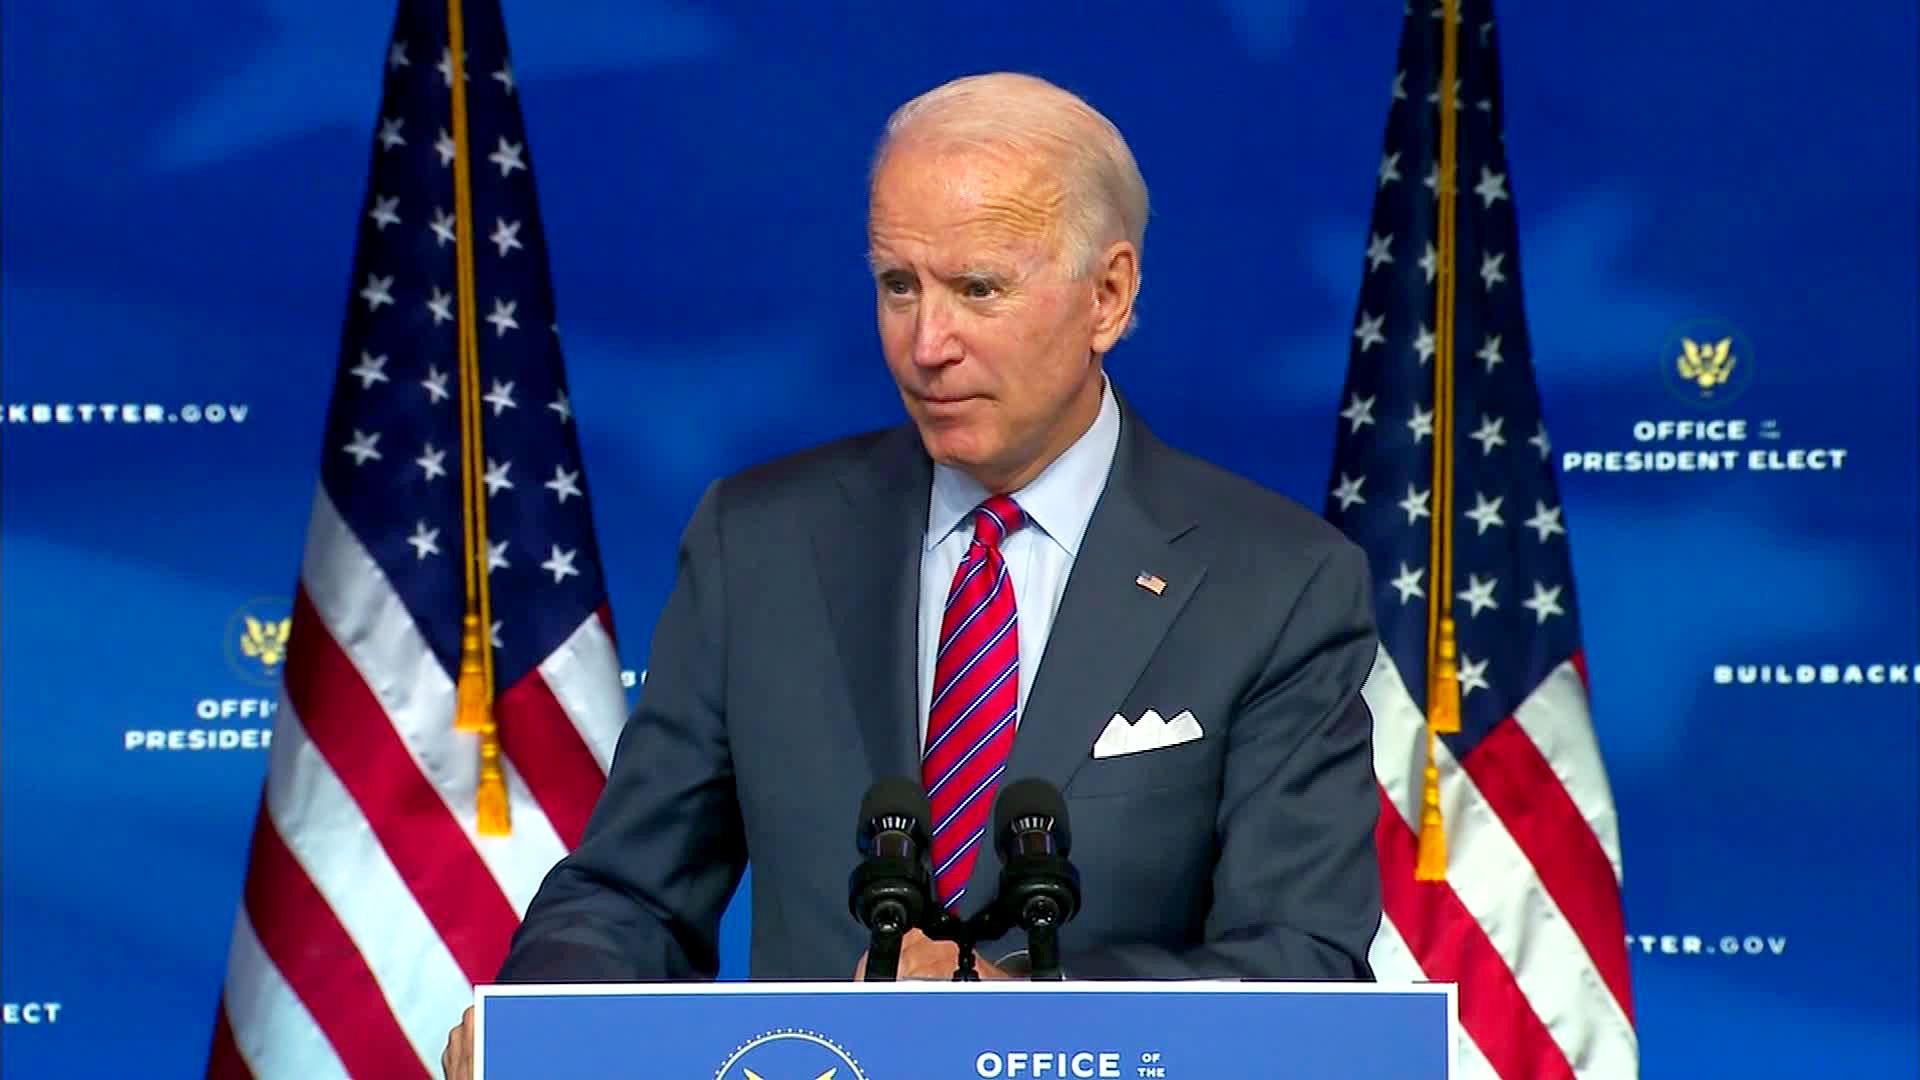 Biden administration to retire 'Operation Warp Speed' moniker